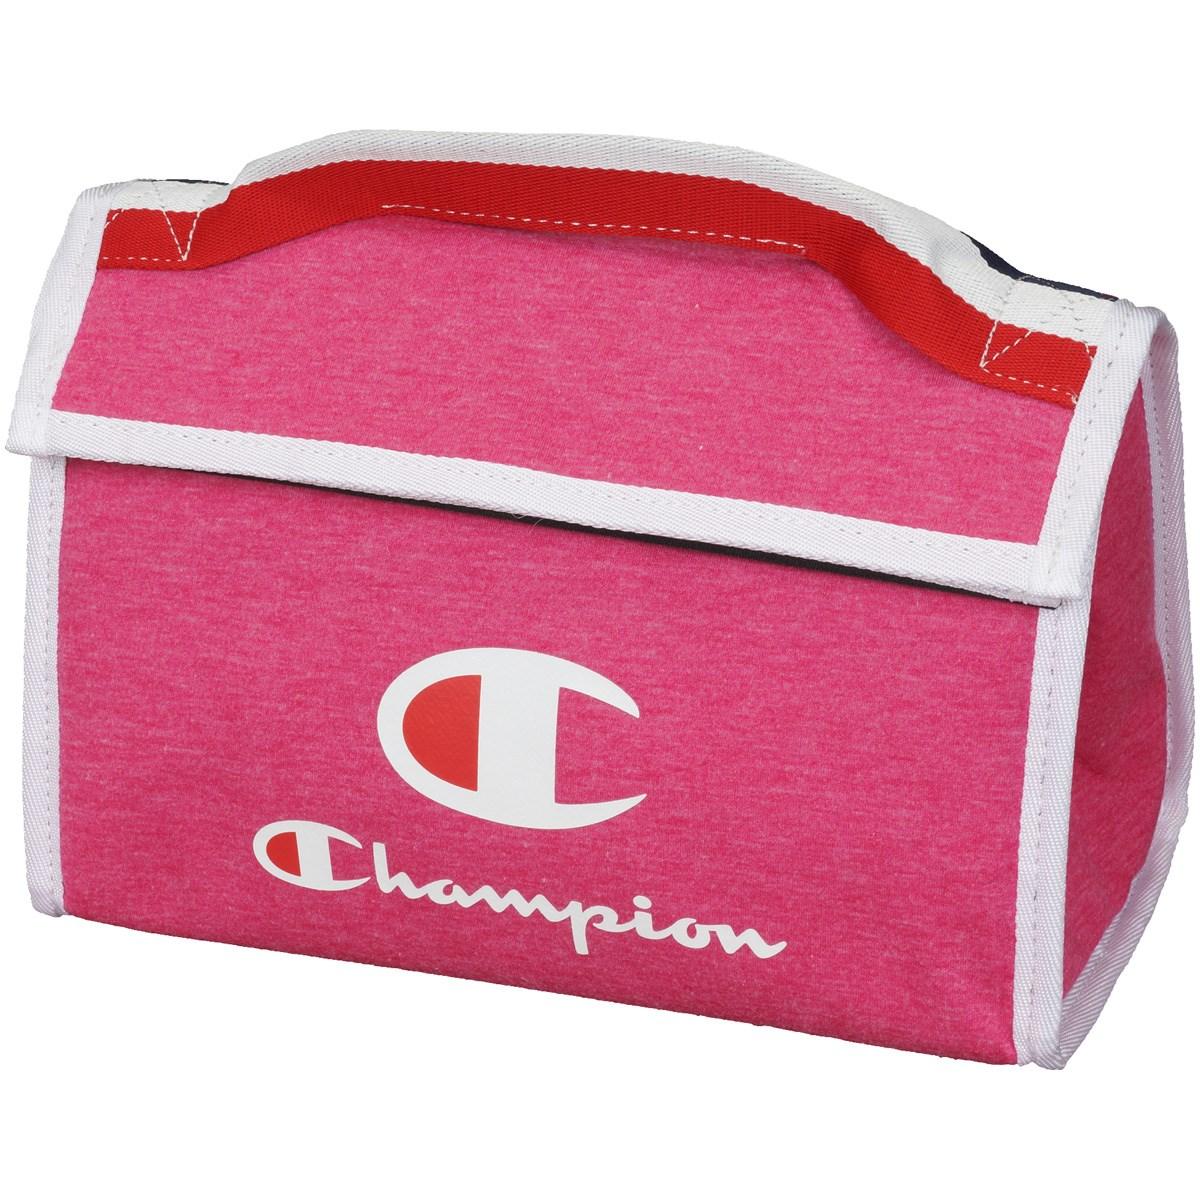 チャンピオン スウェット保冷バッグ